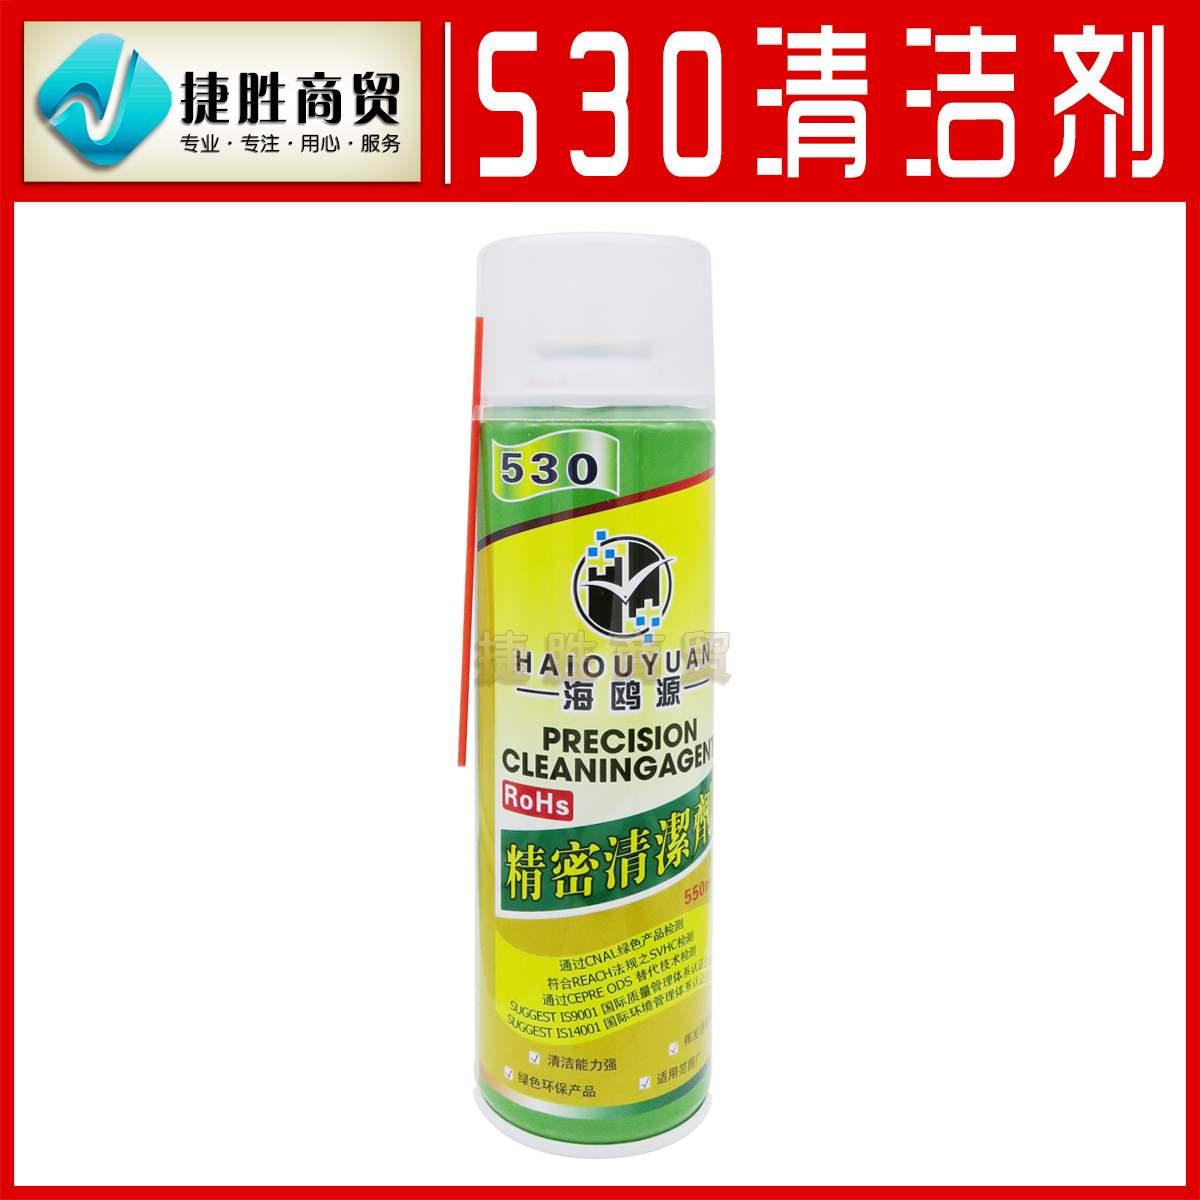 清洗剂电器清洁剂530手机电子数码产品清洁剂精密